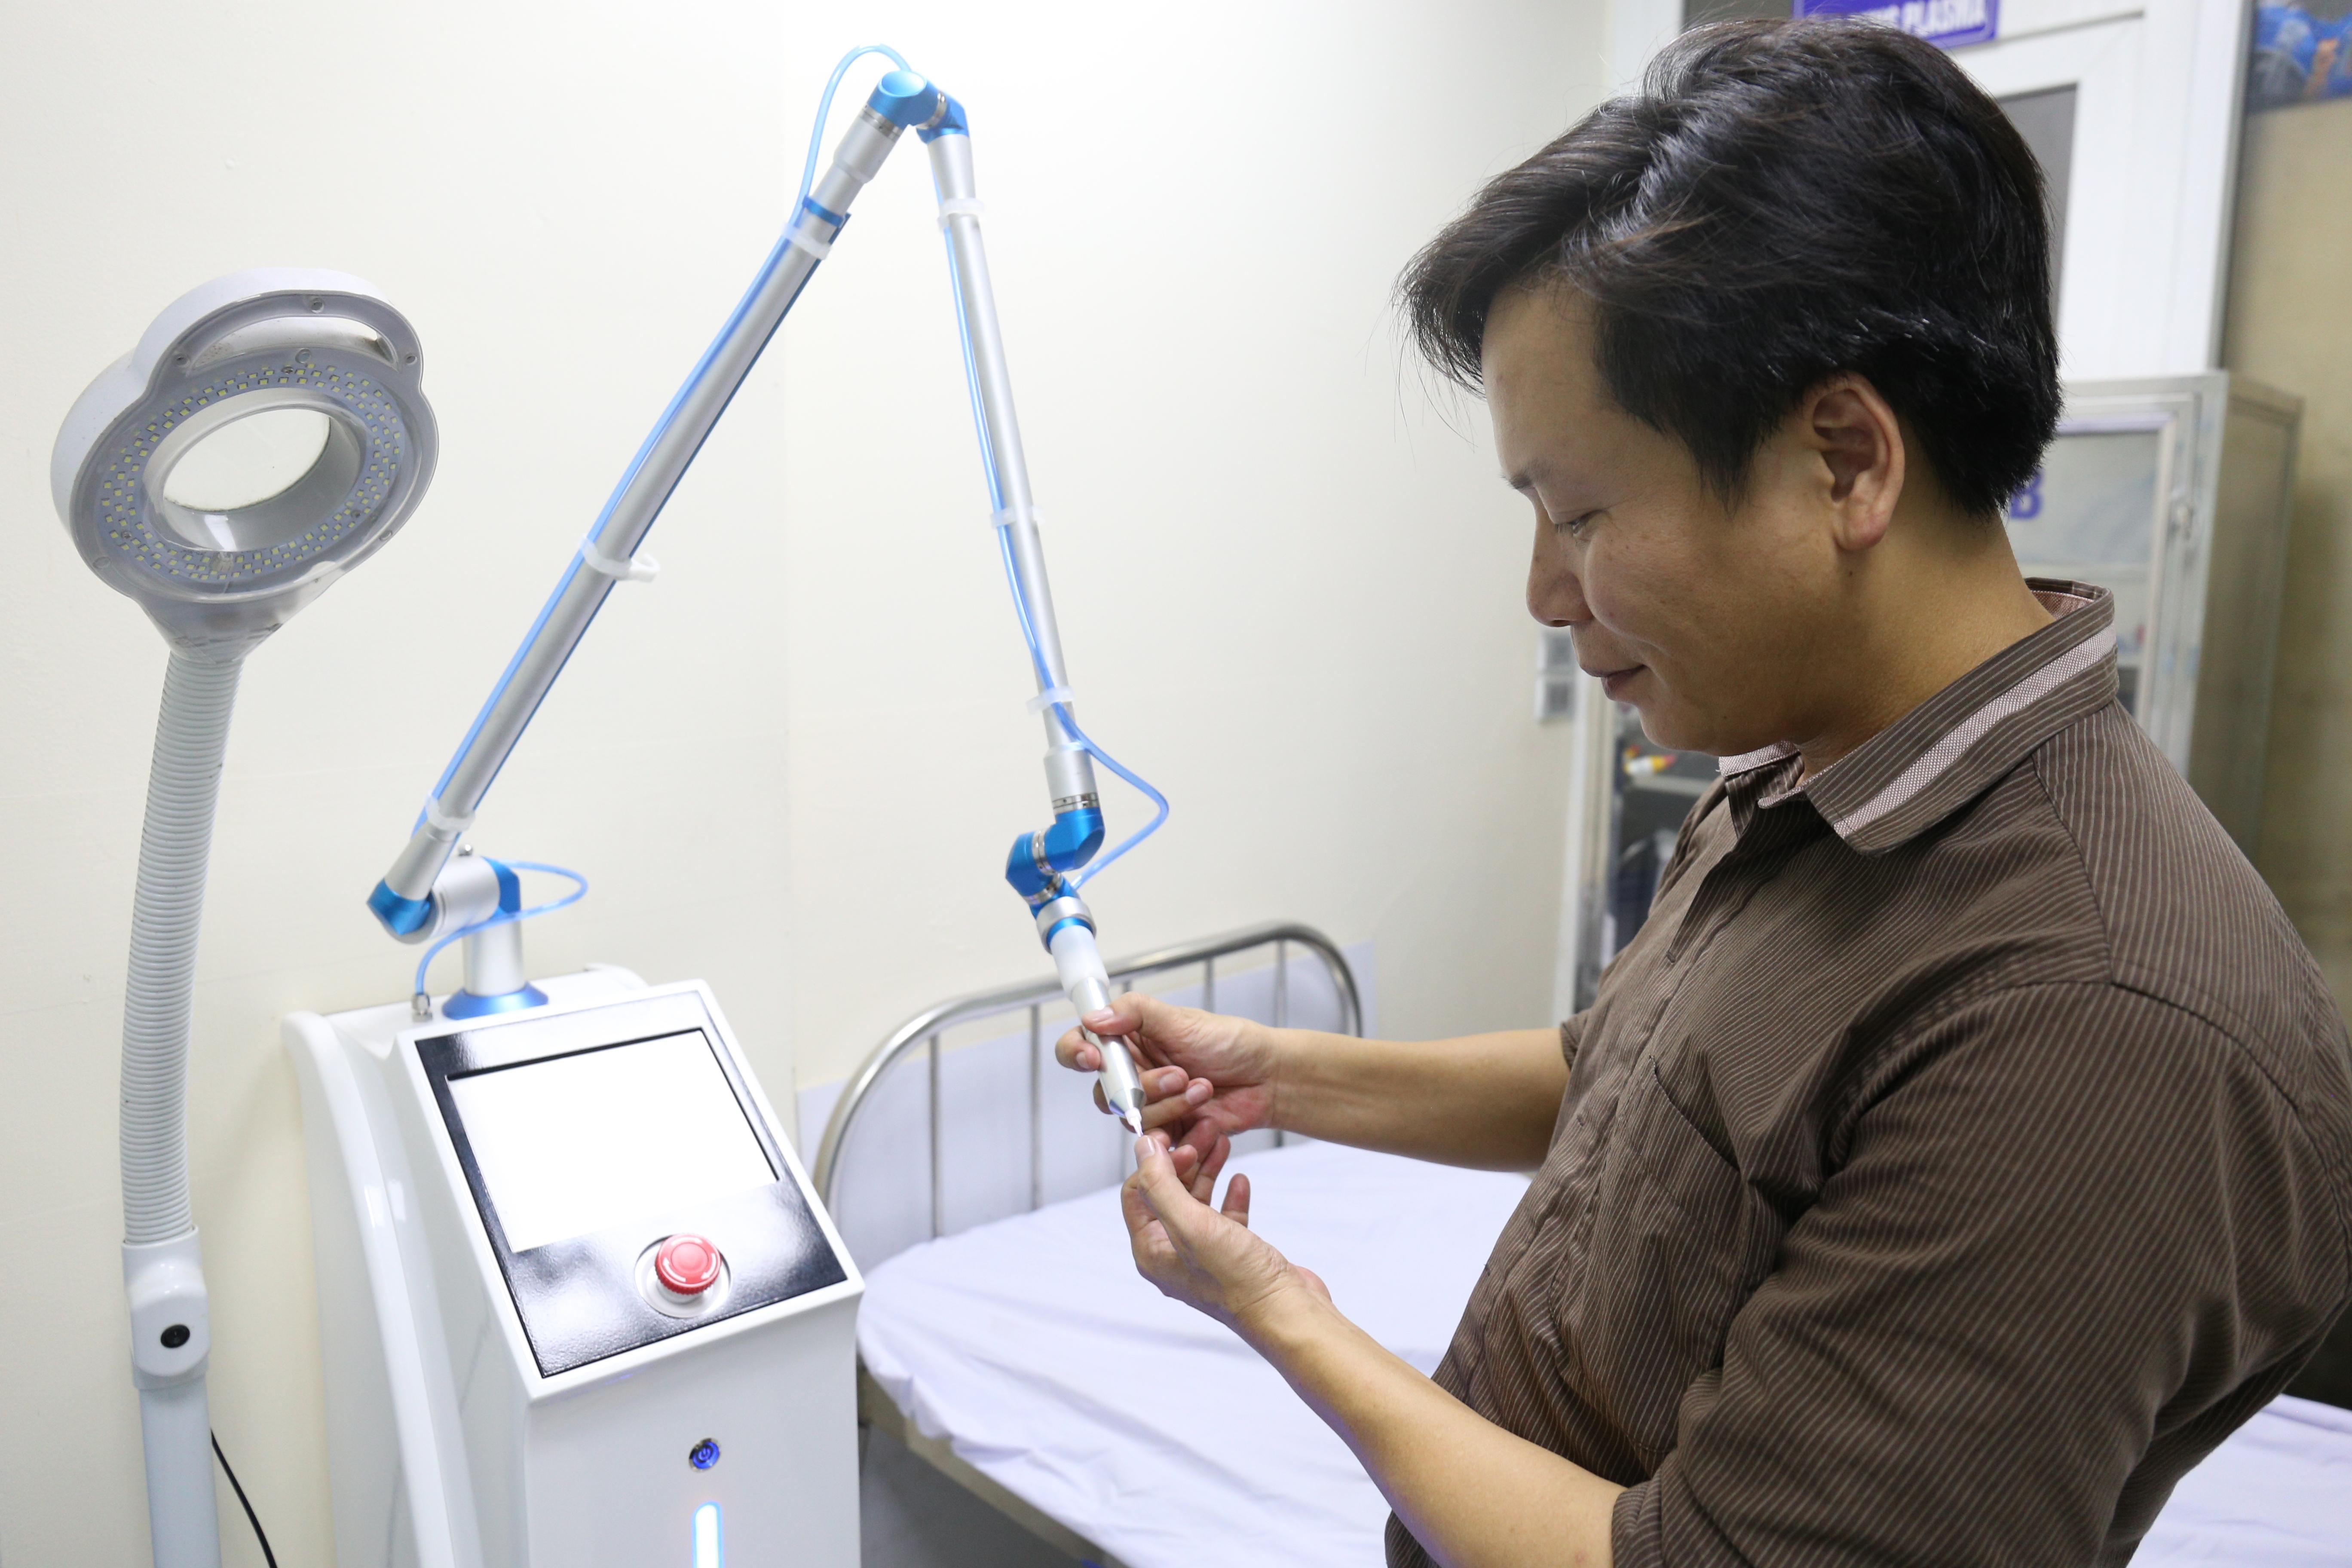 TS Nguyễn Thế Anh bên chiếc máy chiếu tia plasma lạnh.